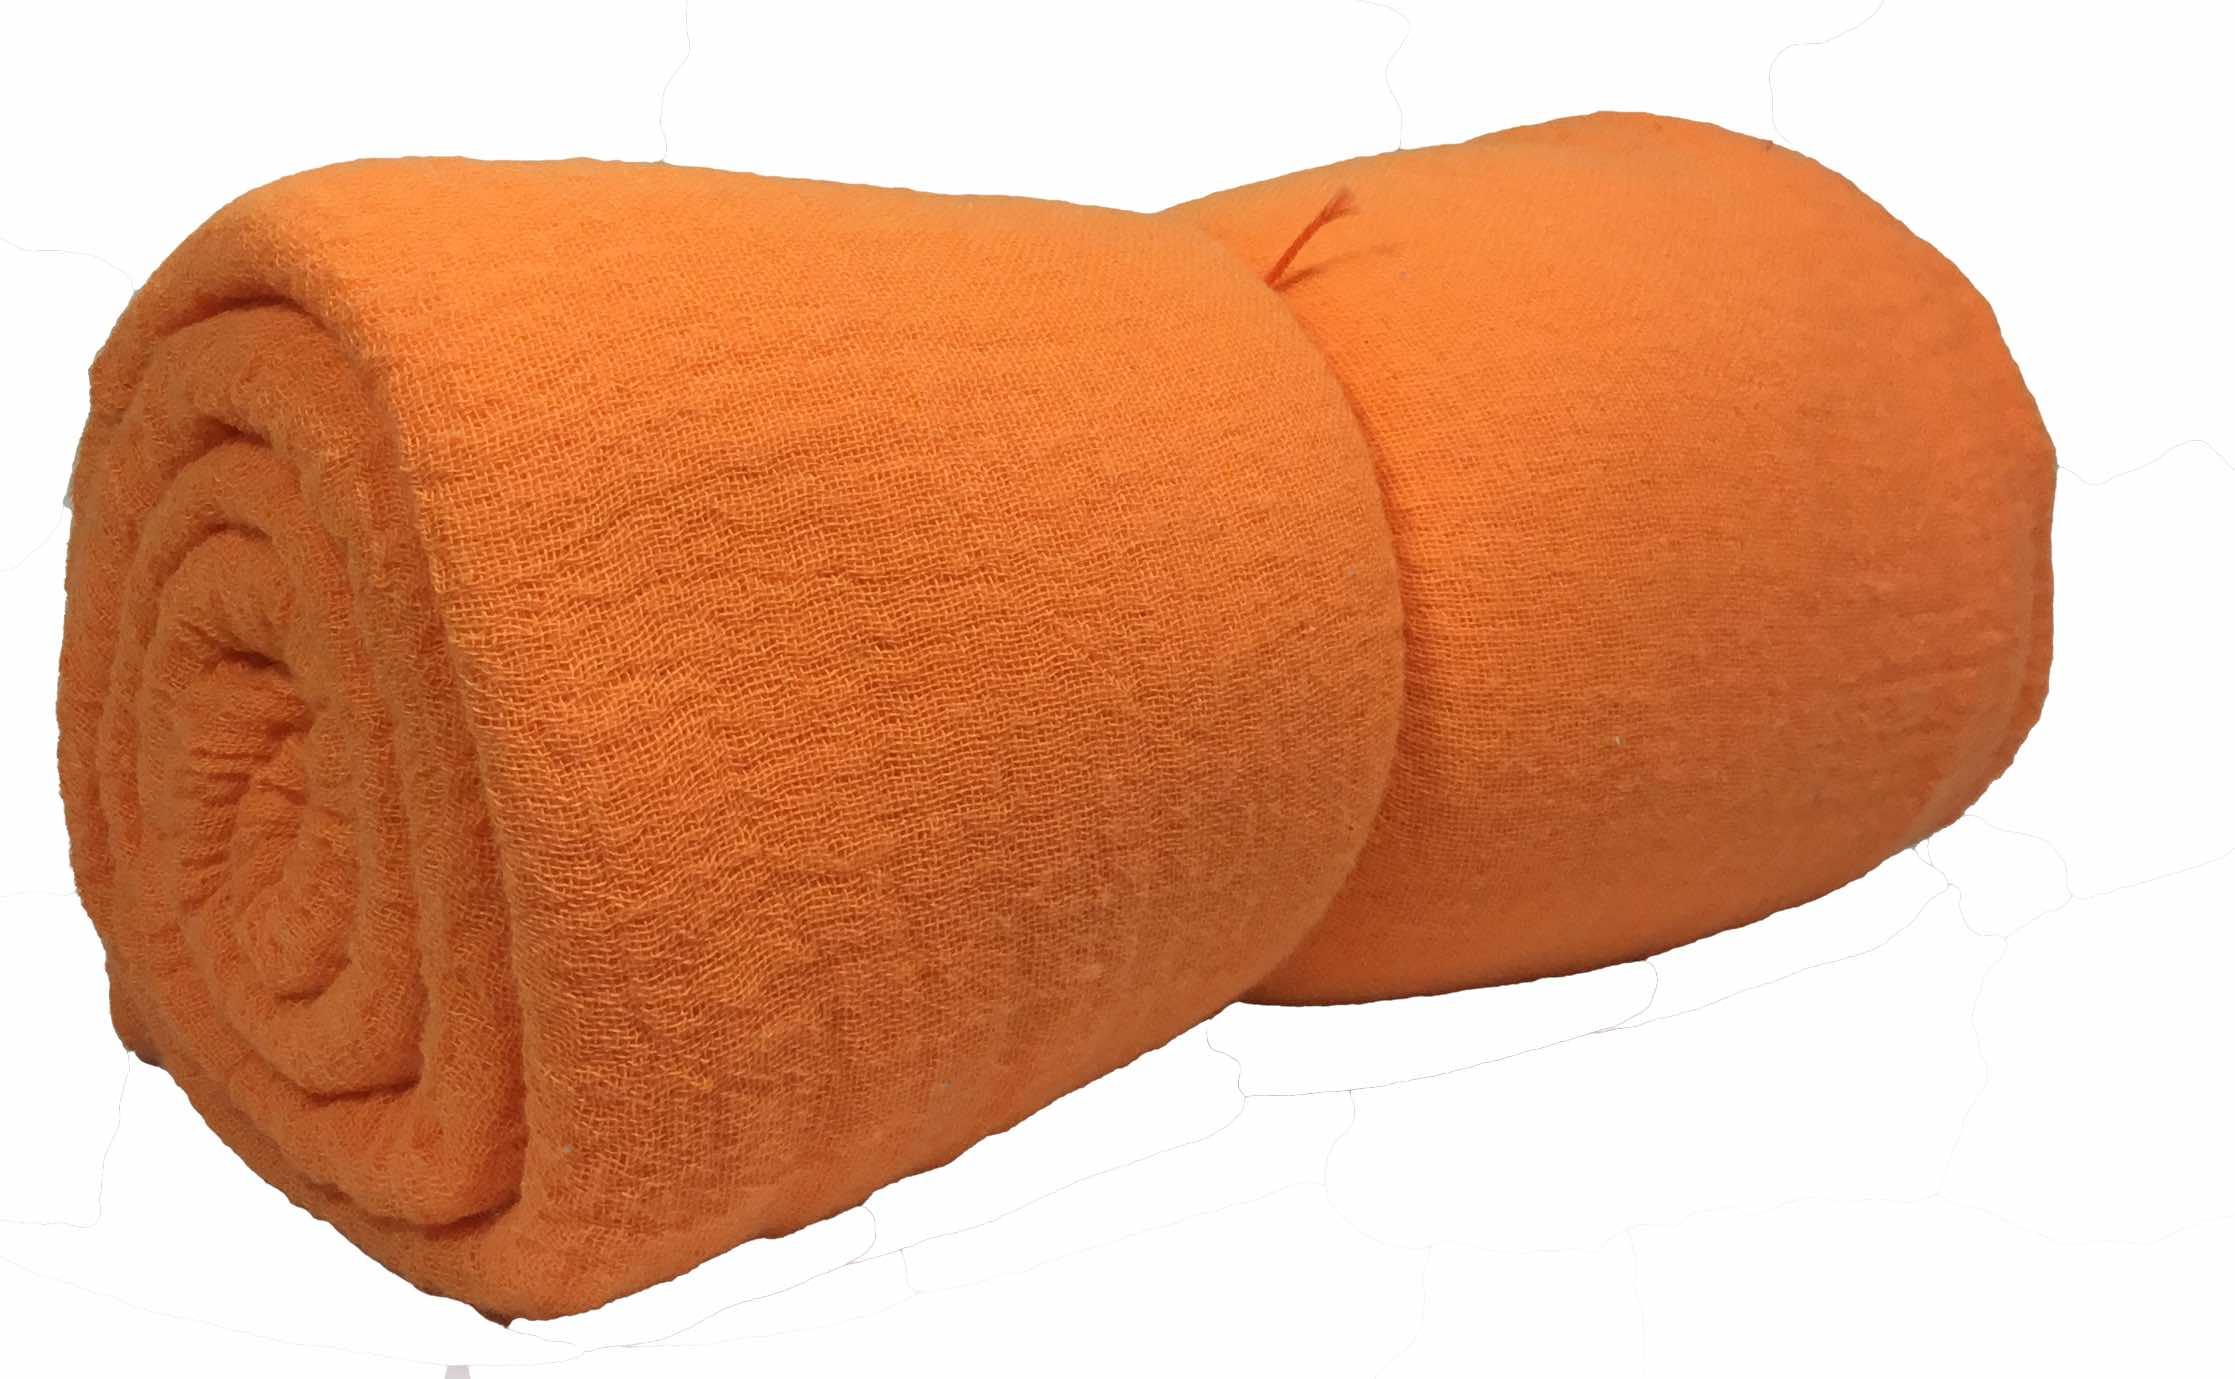 Spieltuch orange